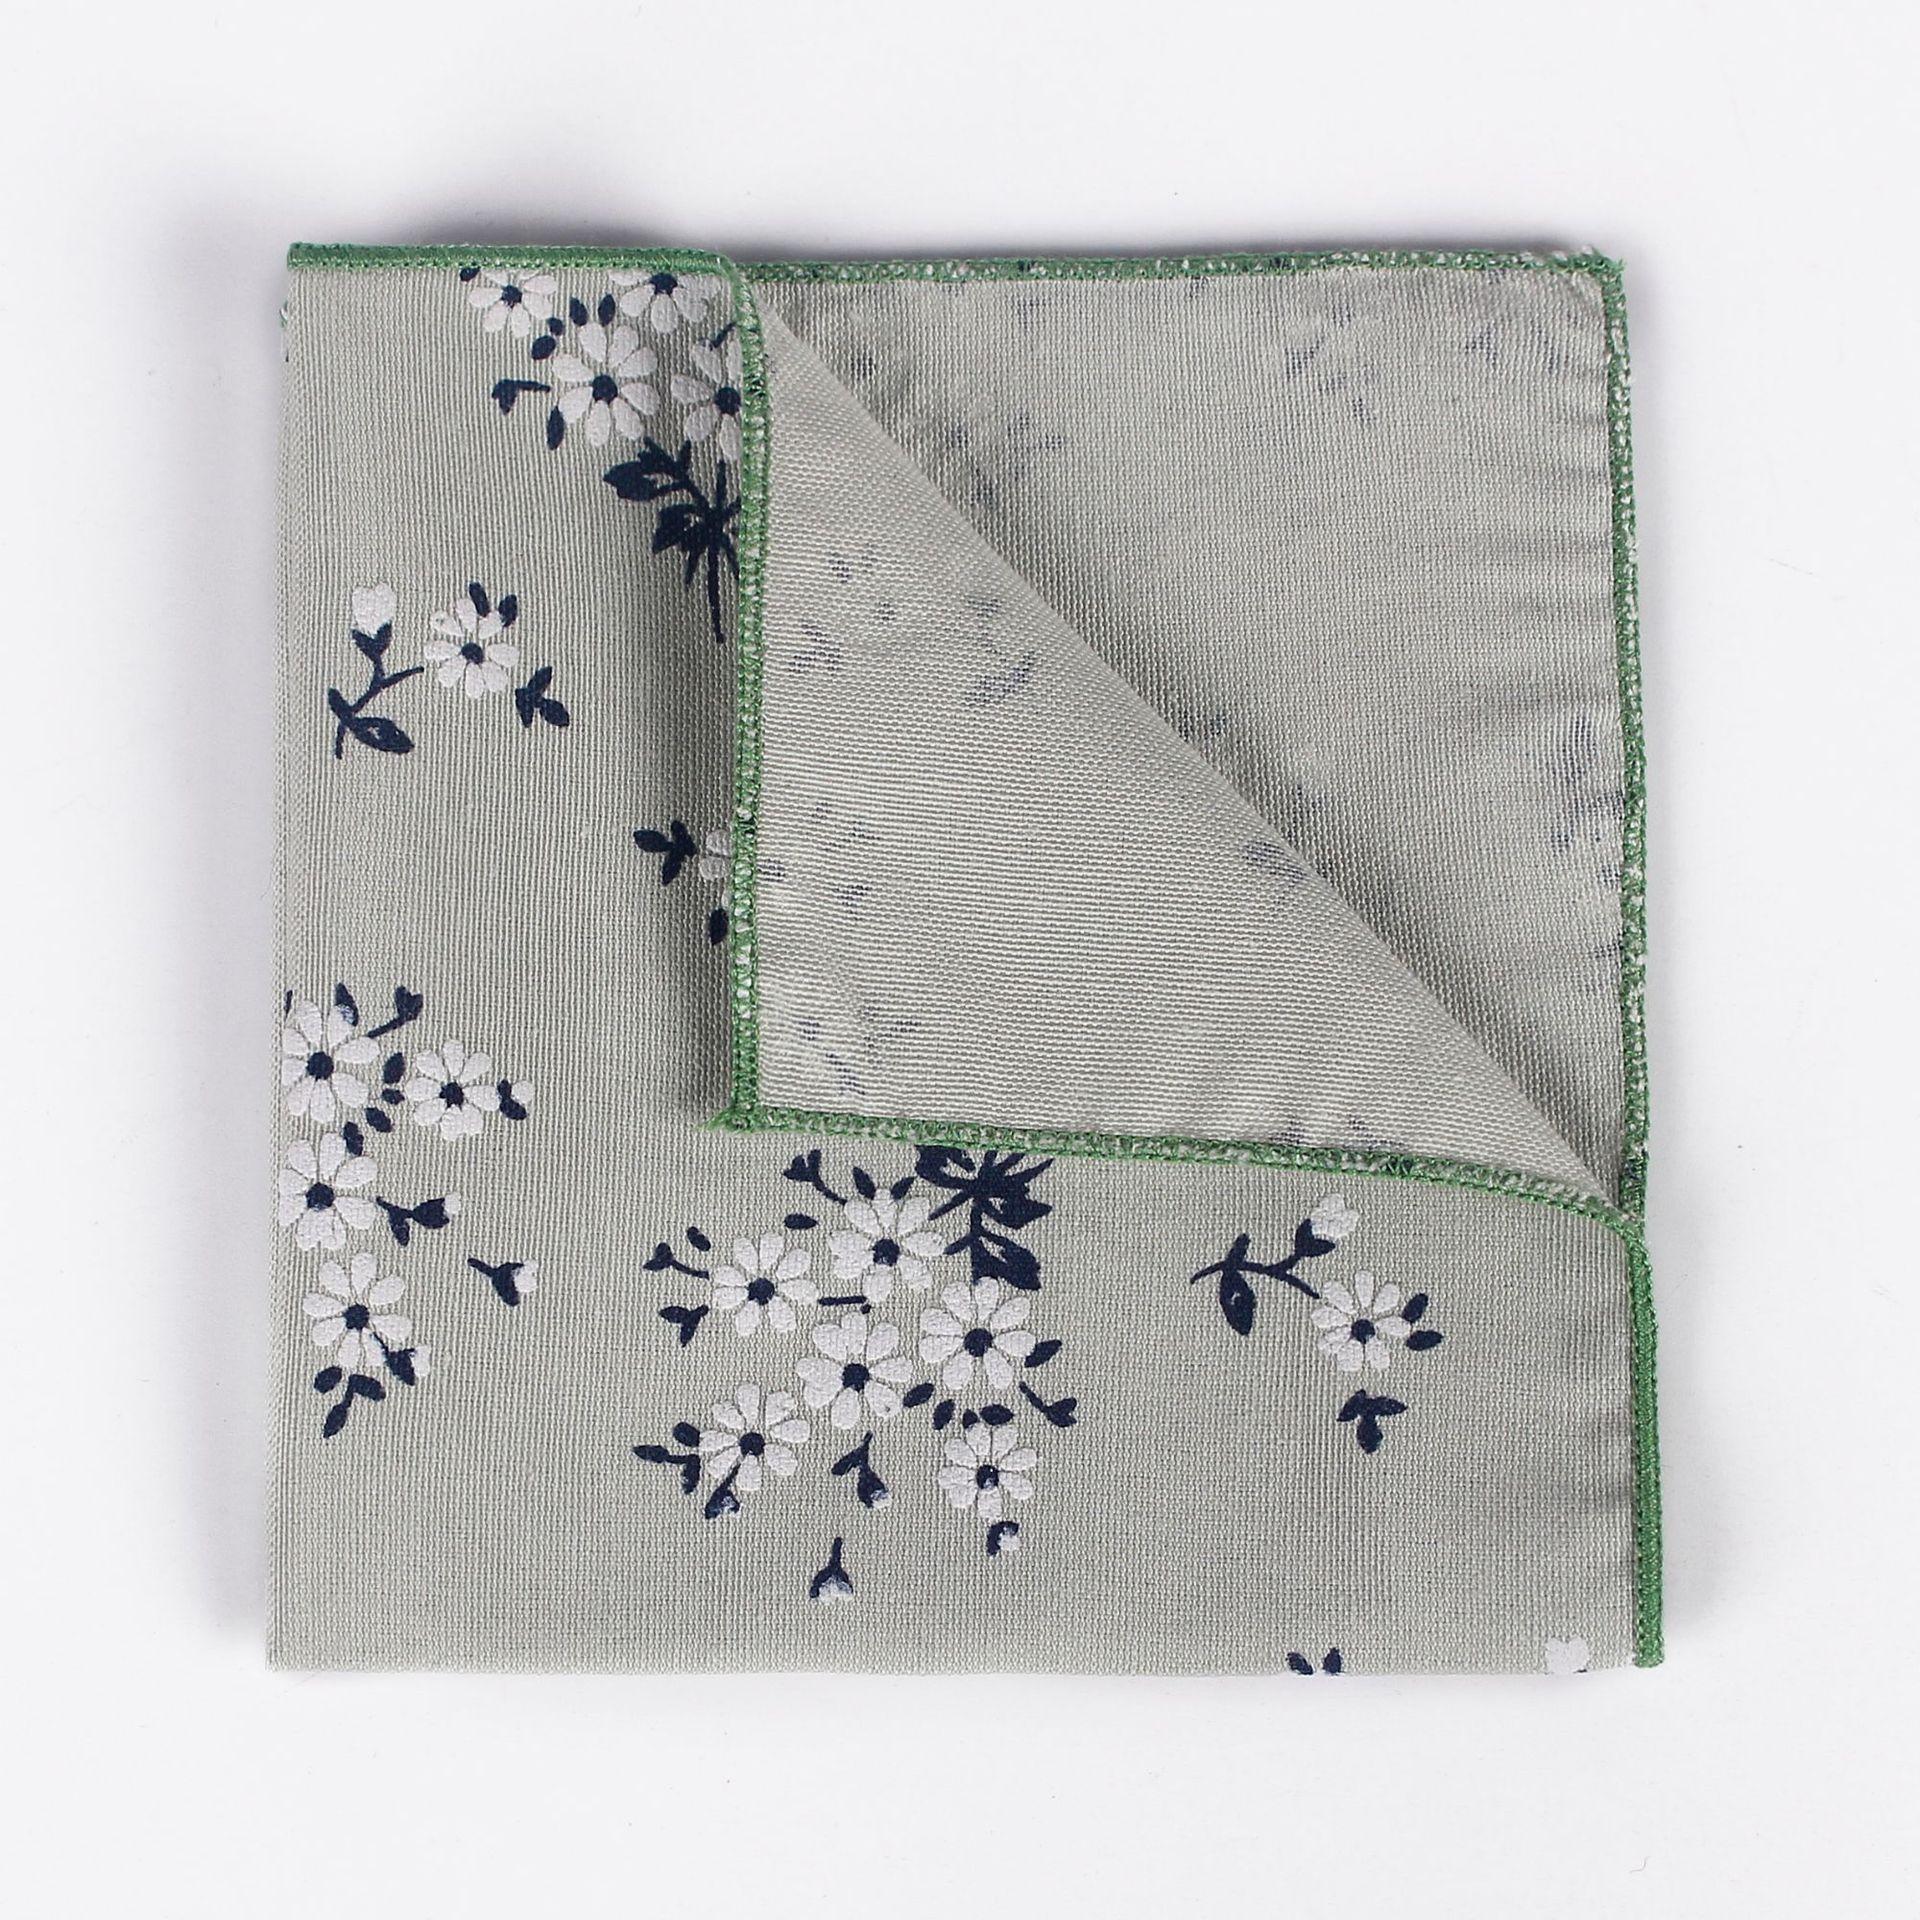 2019 New Pocket Towel Men's Fresh Floral Pastoral Style Printed Cotton Square Suit Suit Pocket Bag Accessories